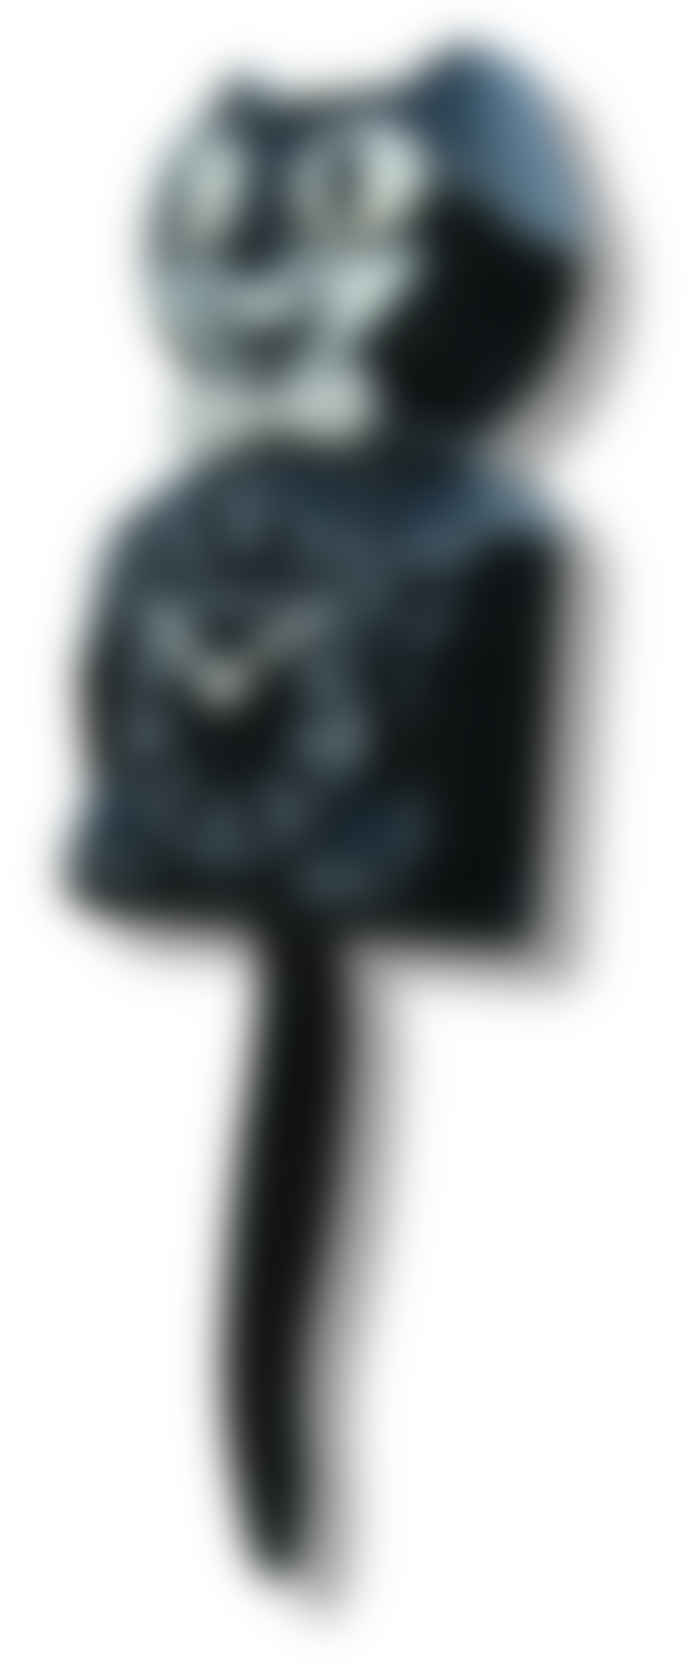 Kit-cat Black Clock